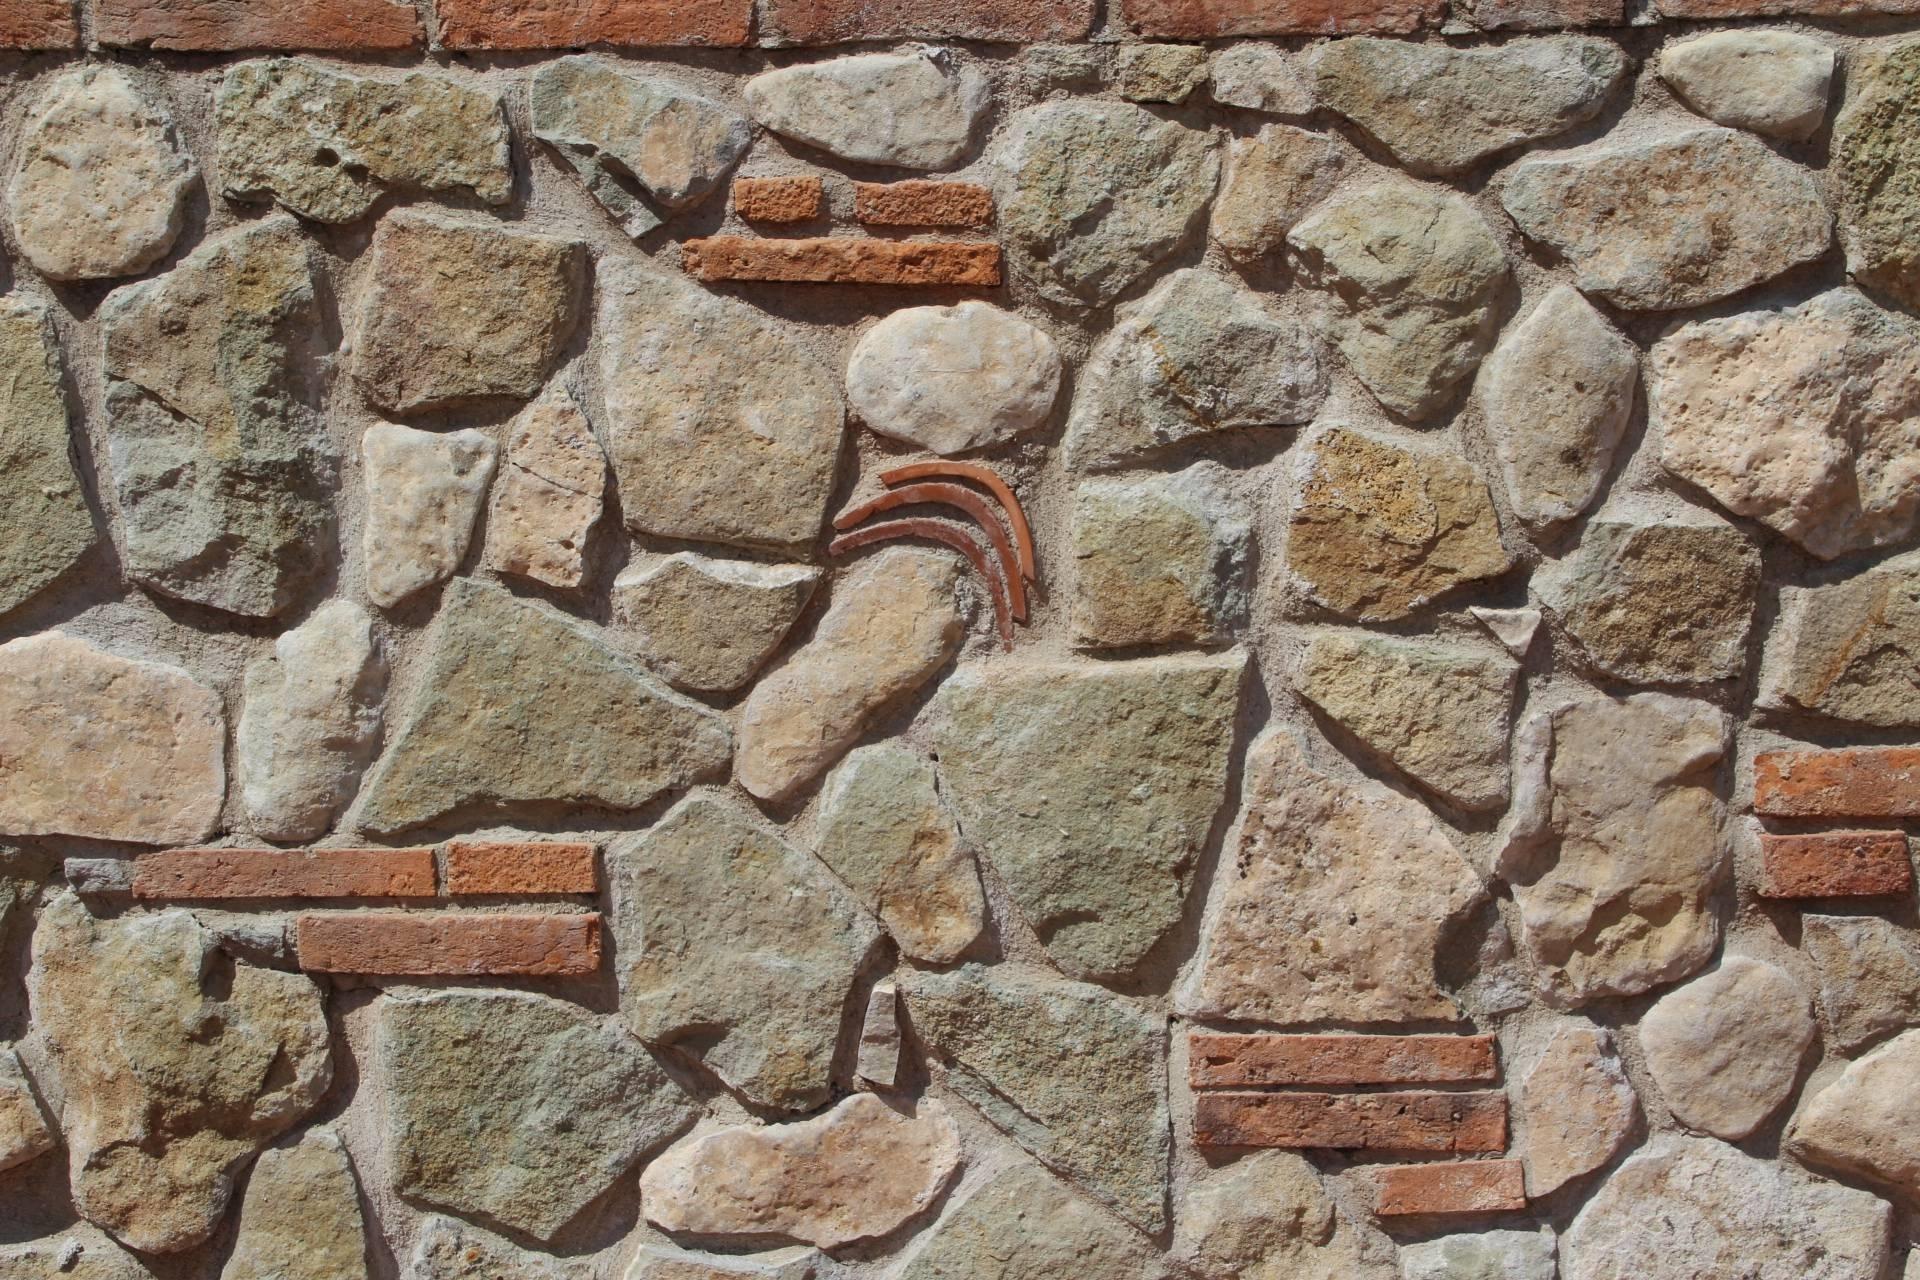 Piastrelle pavimento prezzi le piastrelle prezzi migliori per le piastrelle da pavimento - Piastrelle cotto prezzi ...